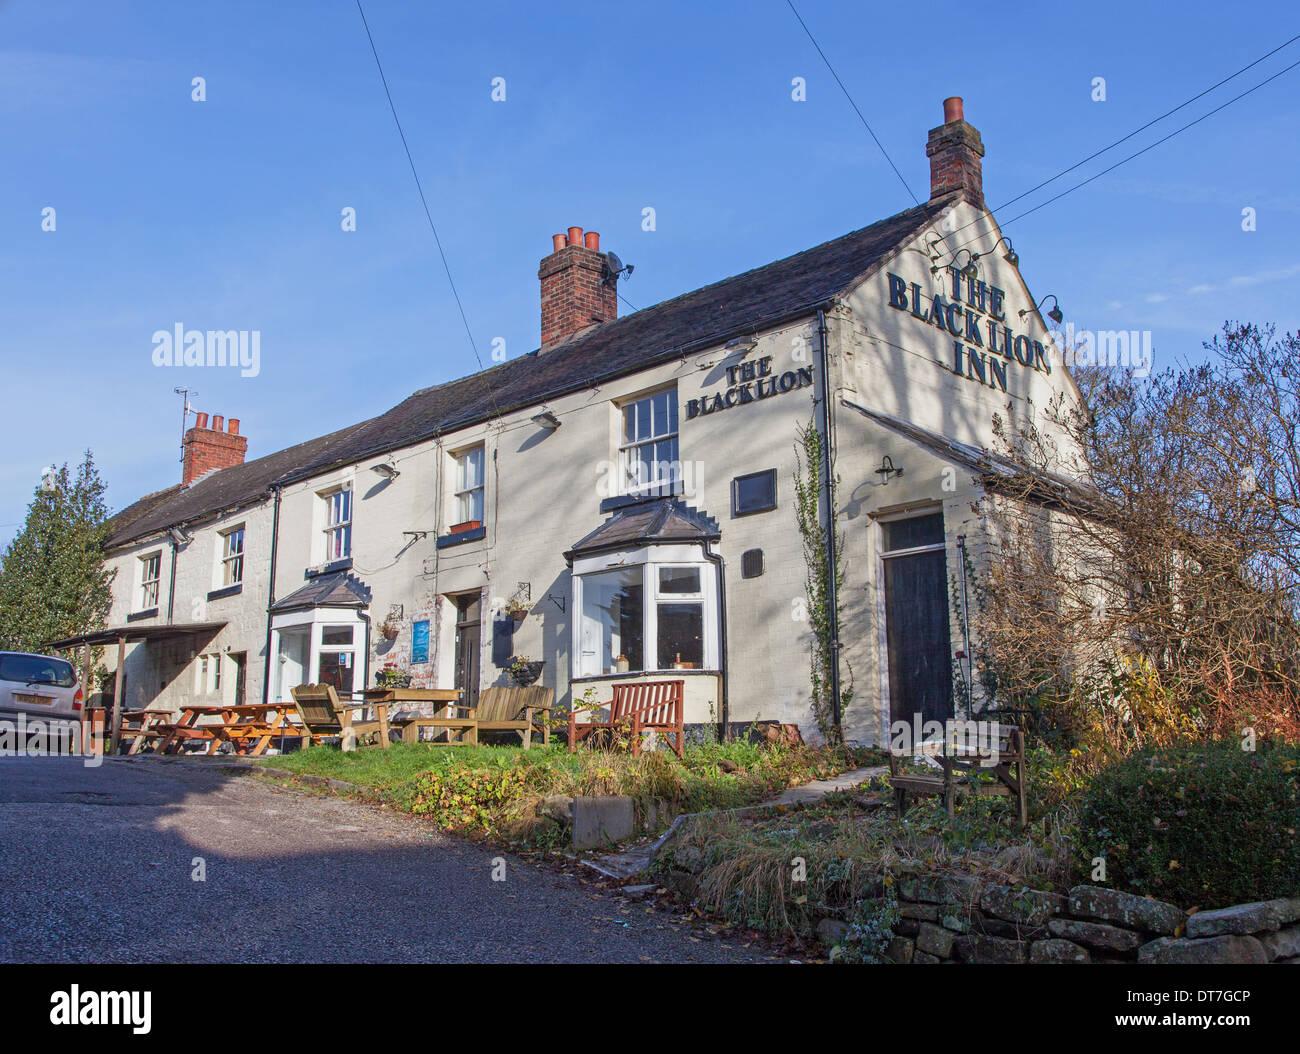 The Black Lion Pub Cheddleton Staffordshire England UK - Stock Image